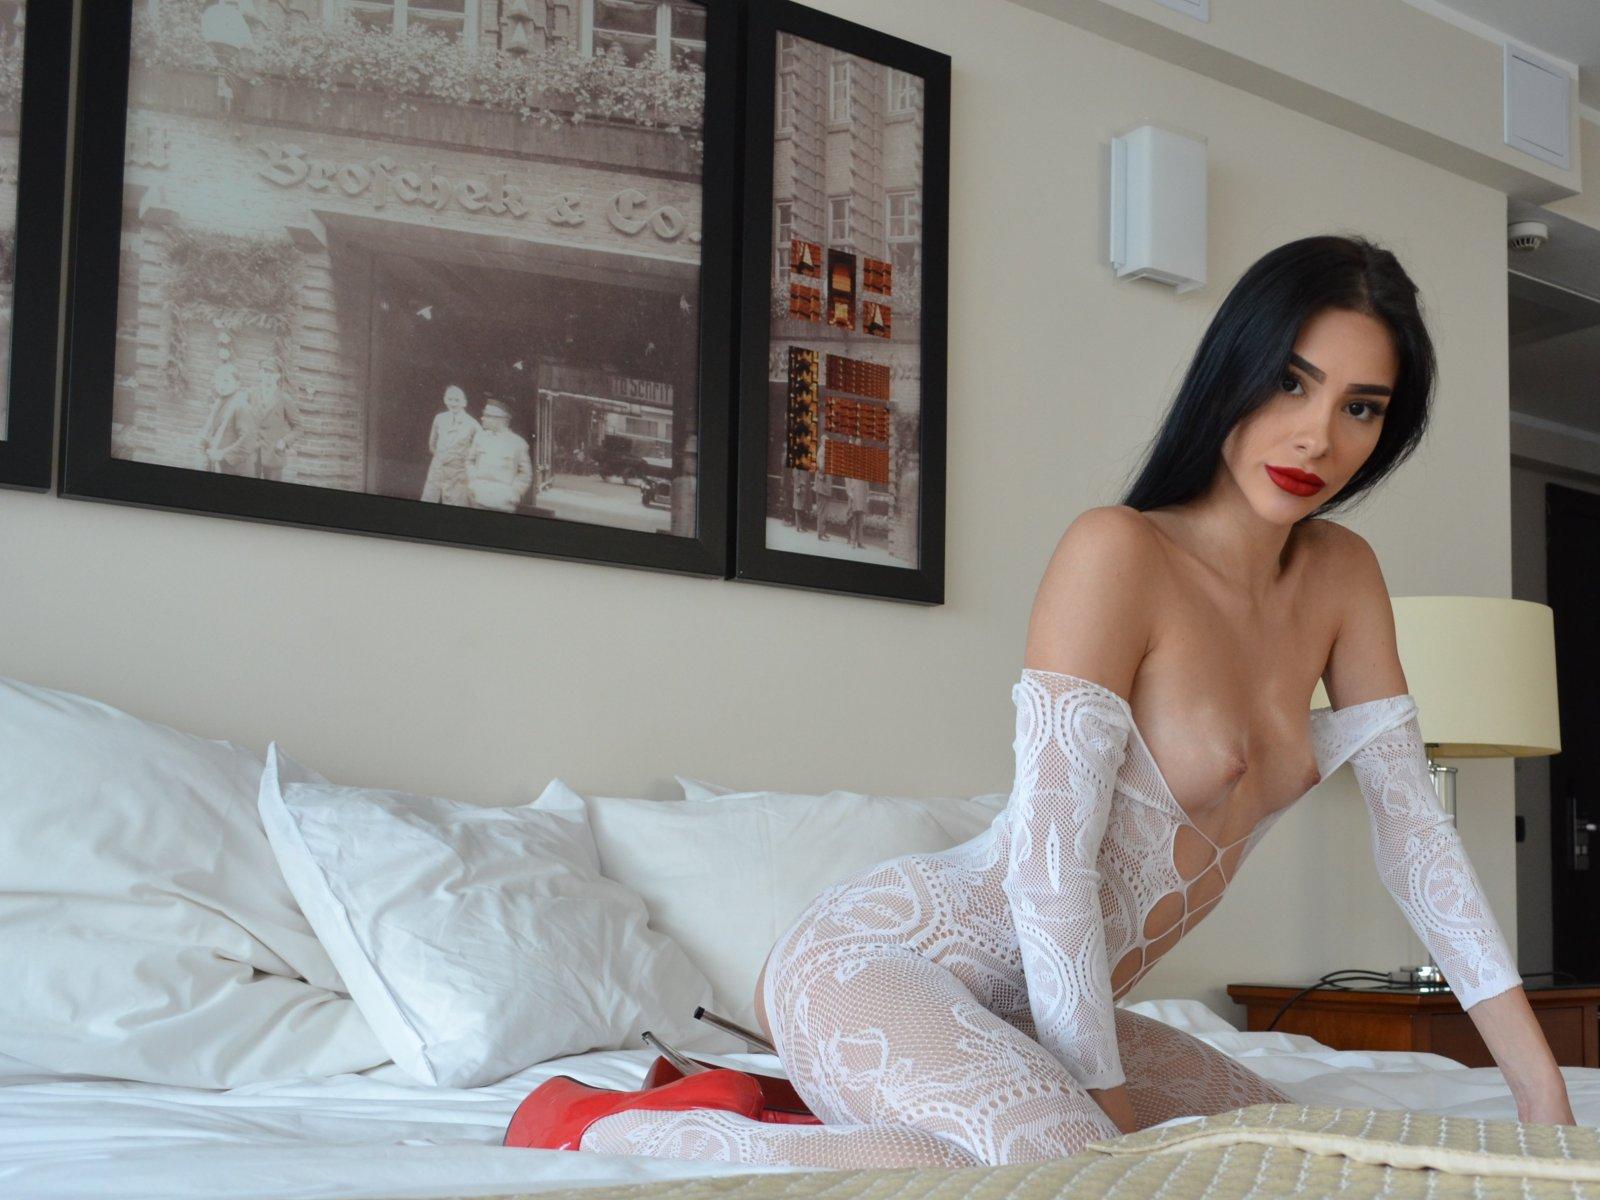 καυτά σεξ μαύρες ταινίες